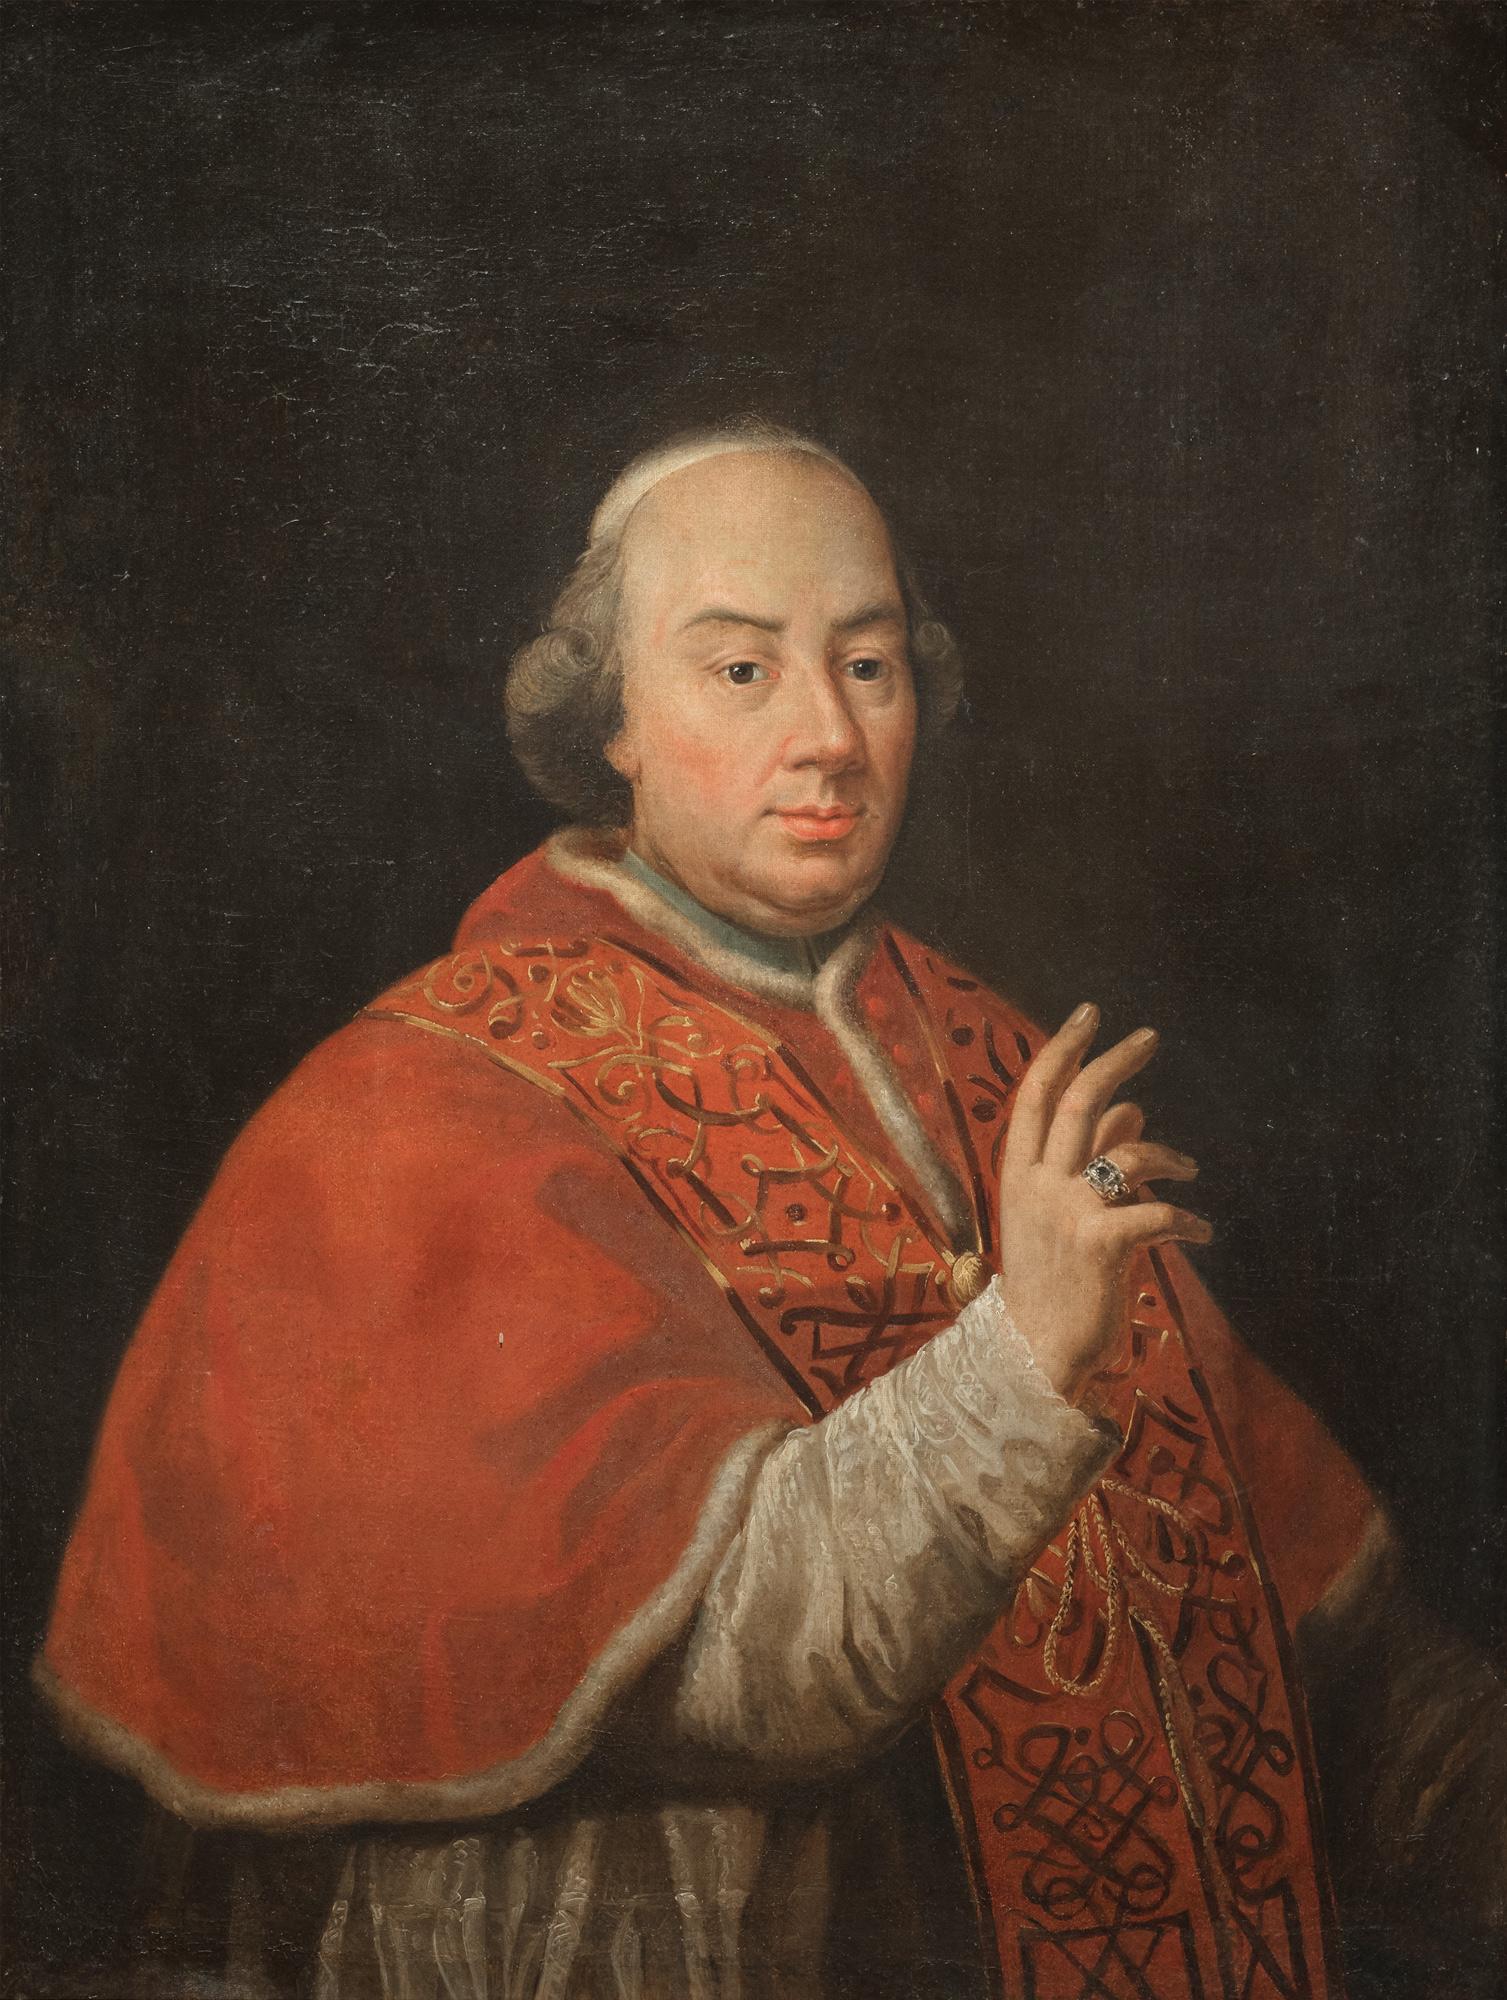 Ritratto di papa Pio VI Braschi